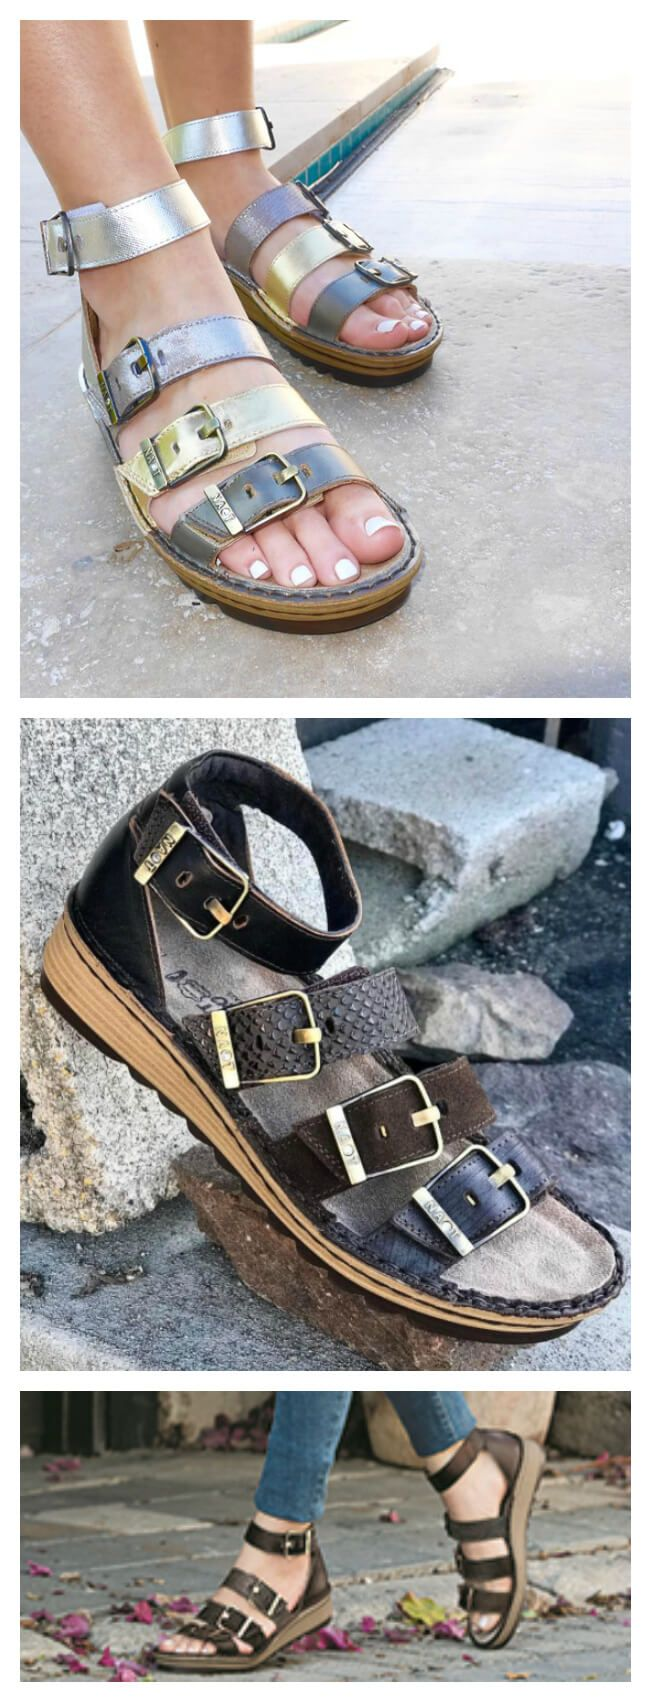 5 Stylish Orthotic Friendly Sandals